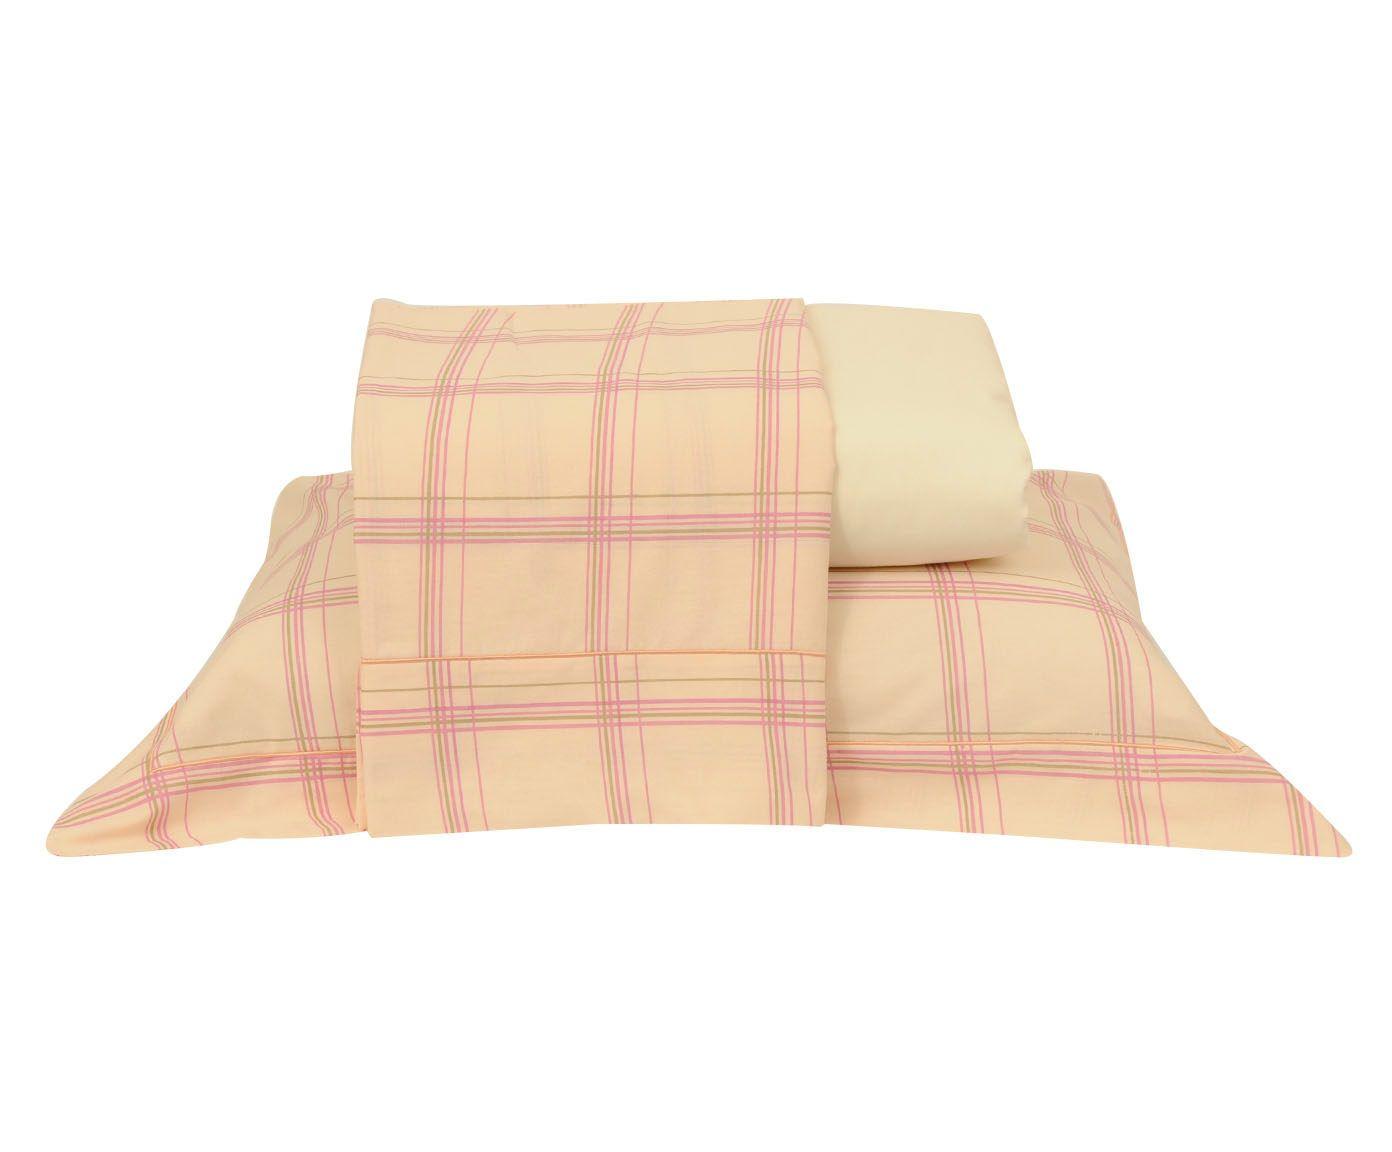 Jogo de lençol versatt stripes para cama queen size 150 fios | Westwing.com.br